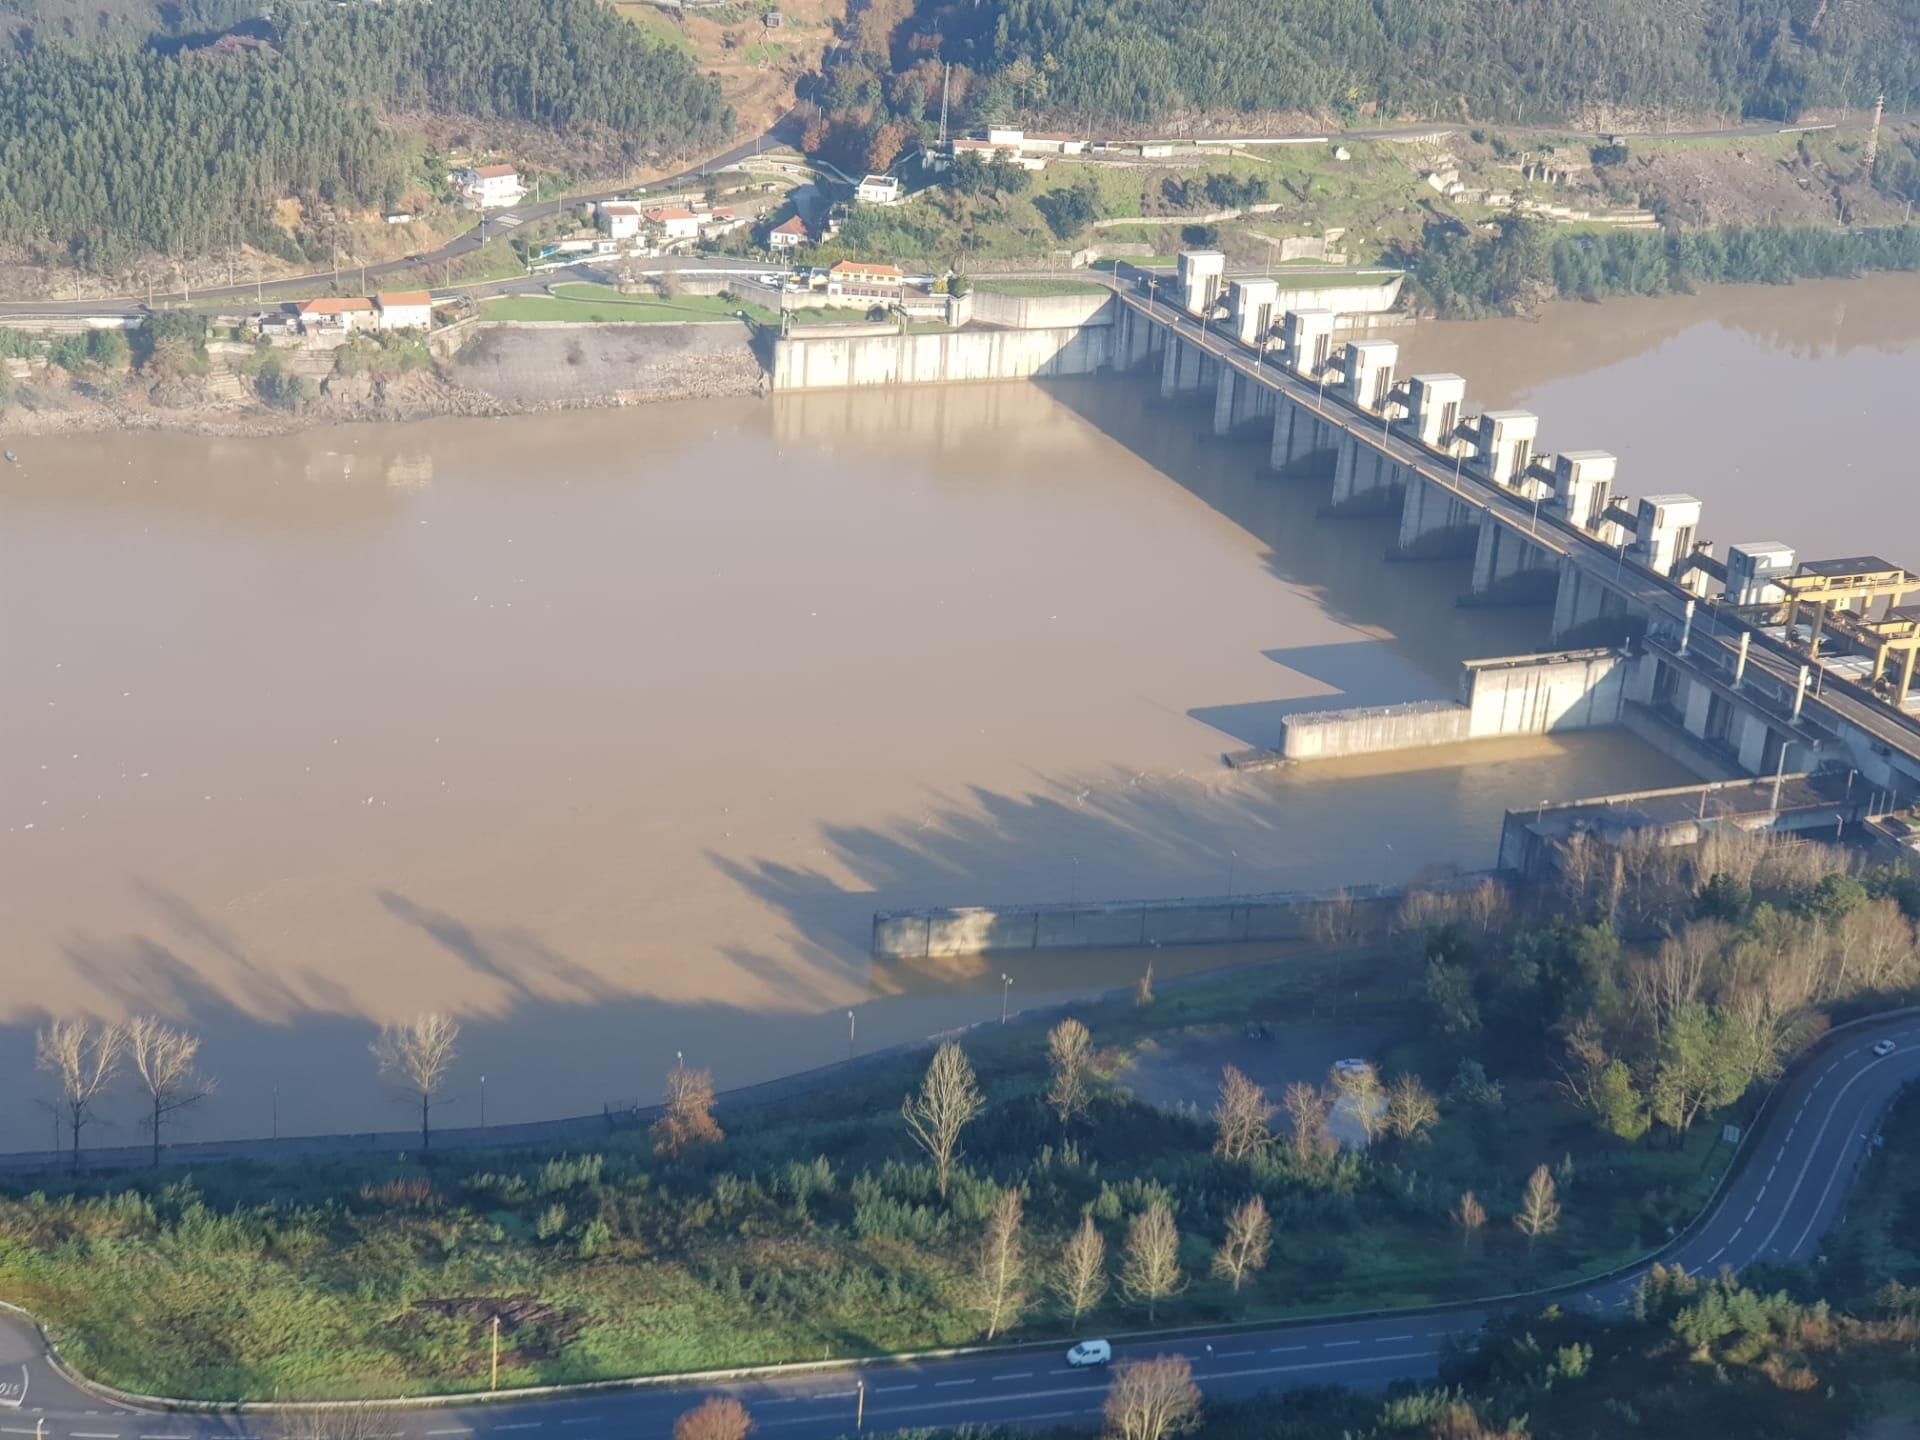 LM-Arquivo-Douro-Paiva-Foto-Aerea-ETA-Lever-091